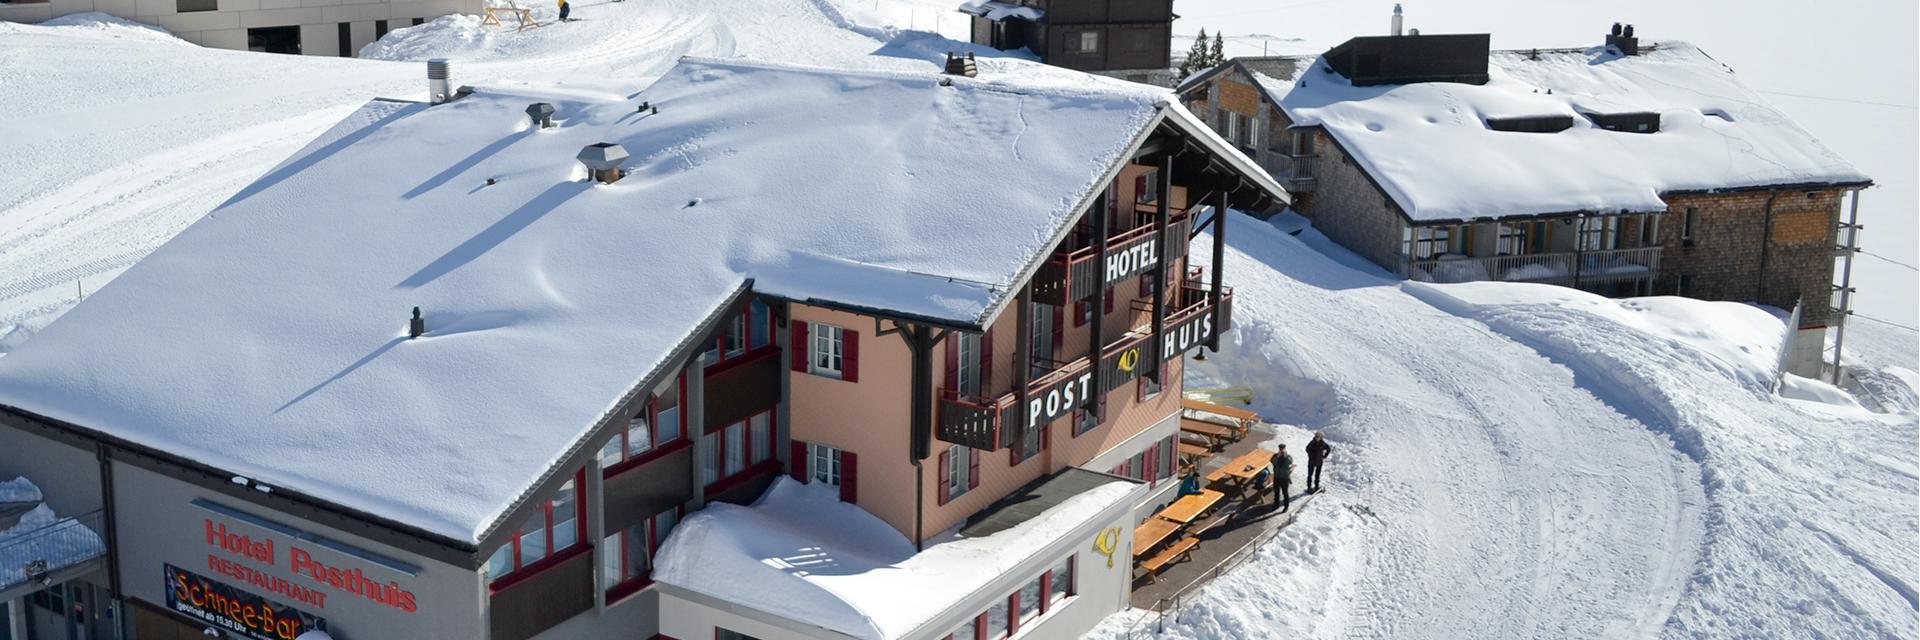 Unser Hotel von oben!